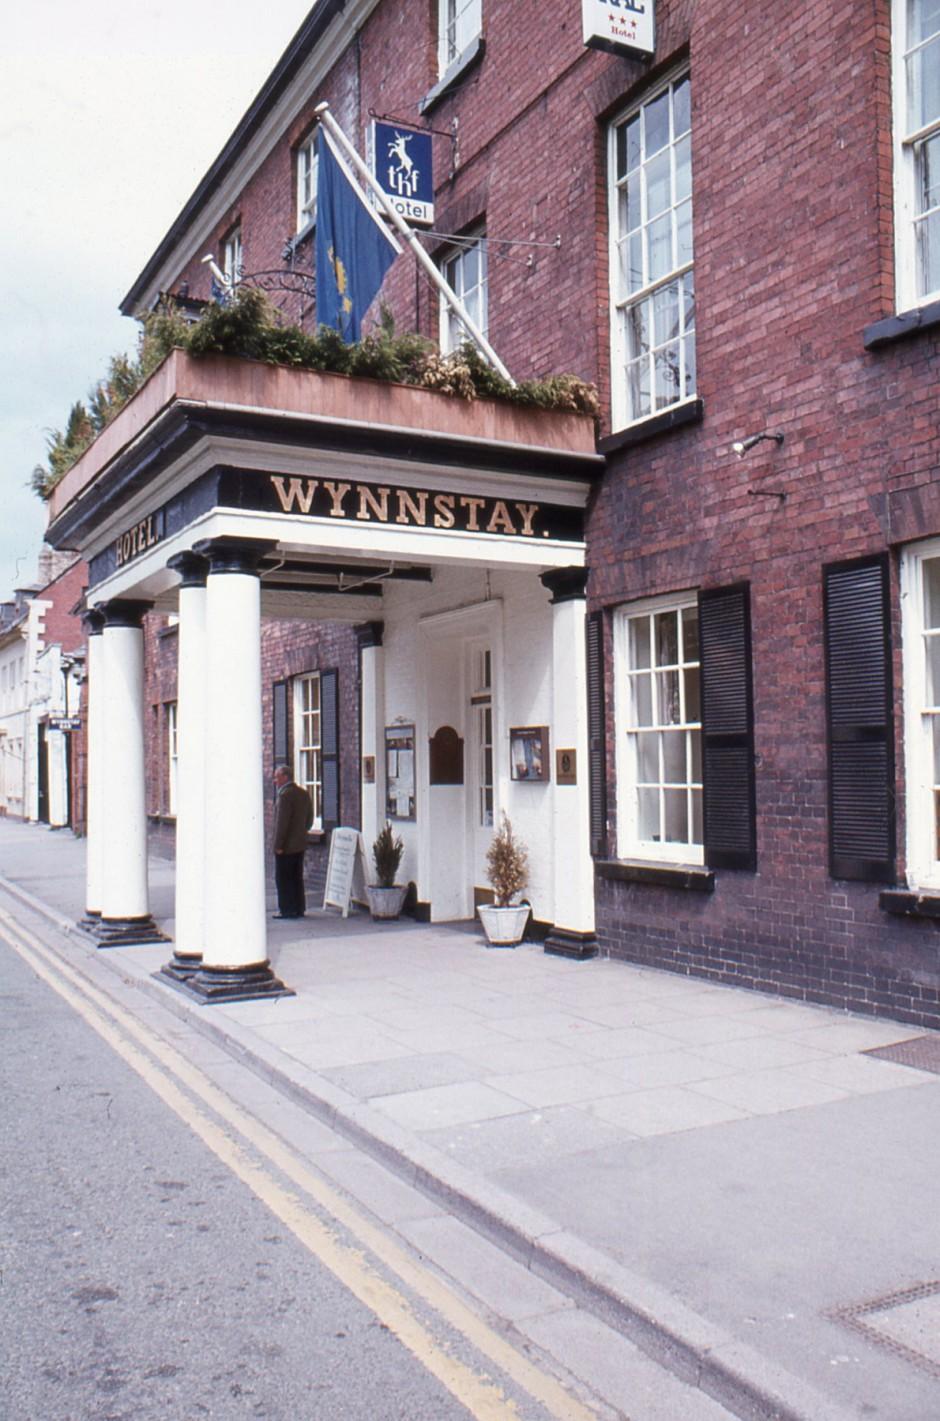 SL-O-5-6-7 Oswestry - Church St - Wynnstay Hotel